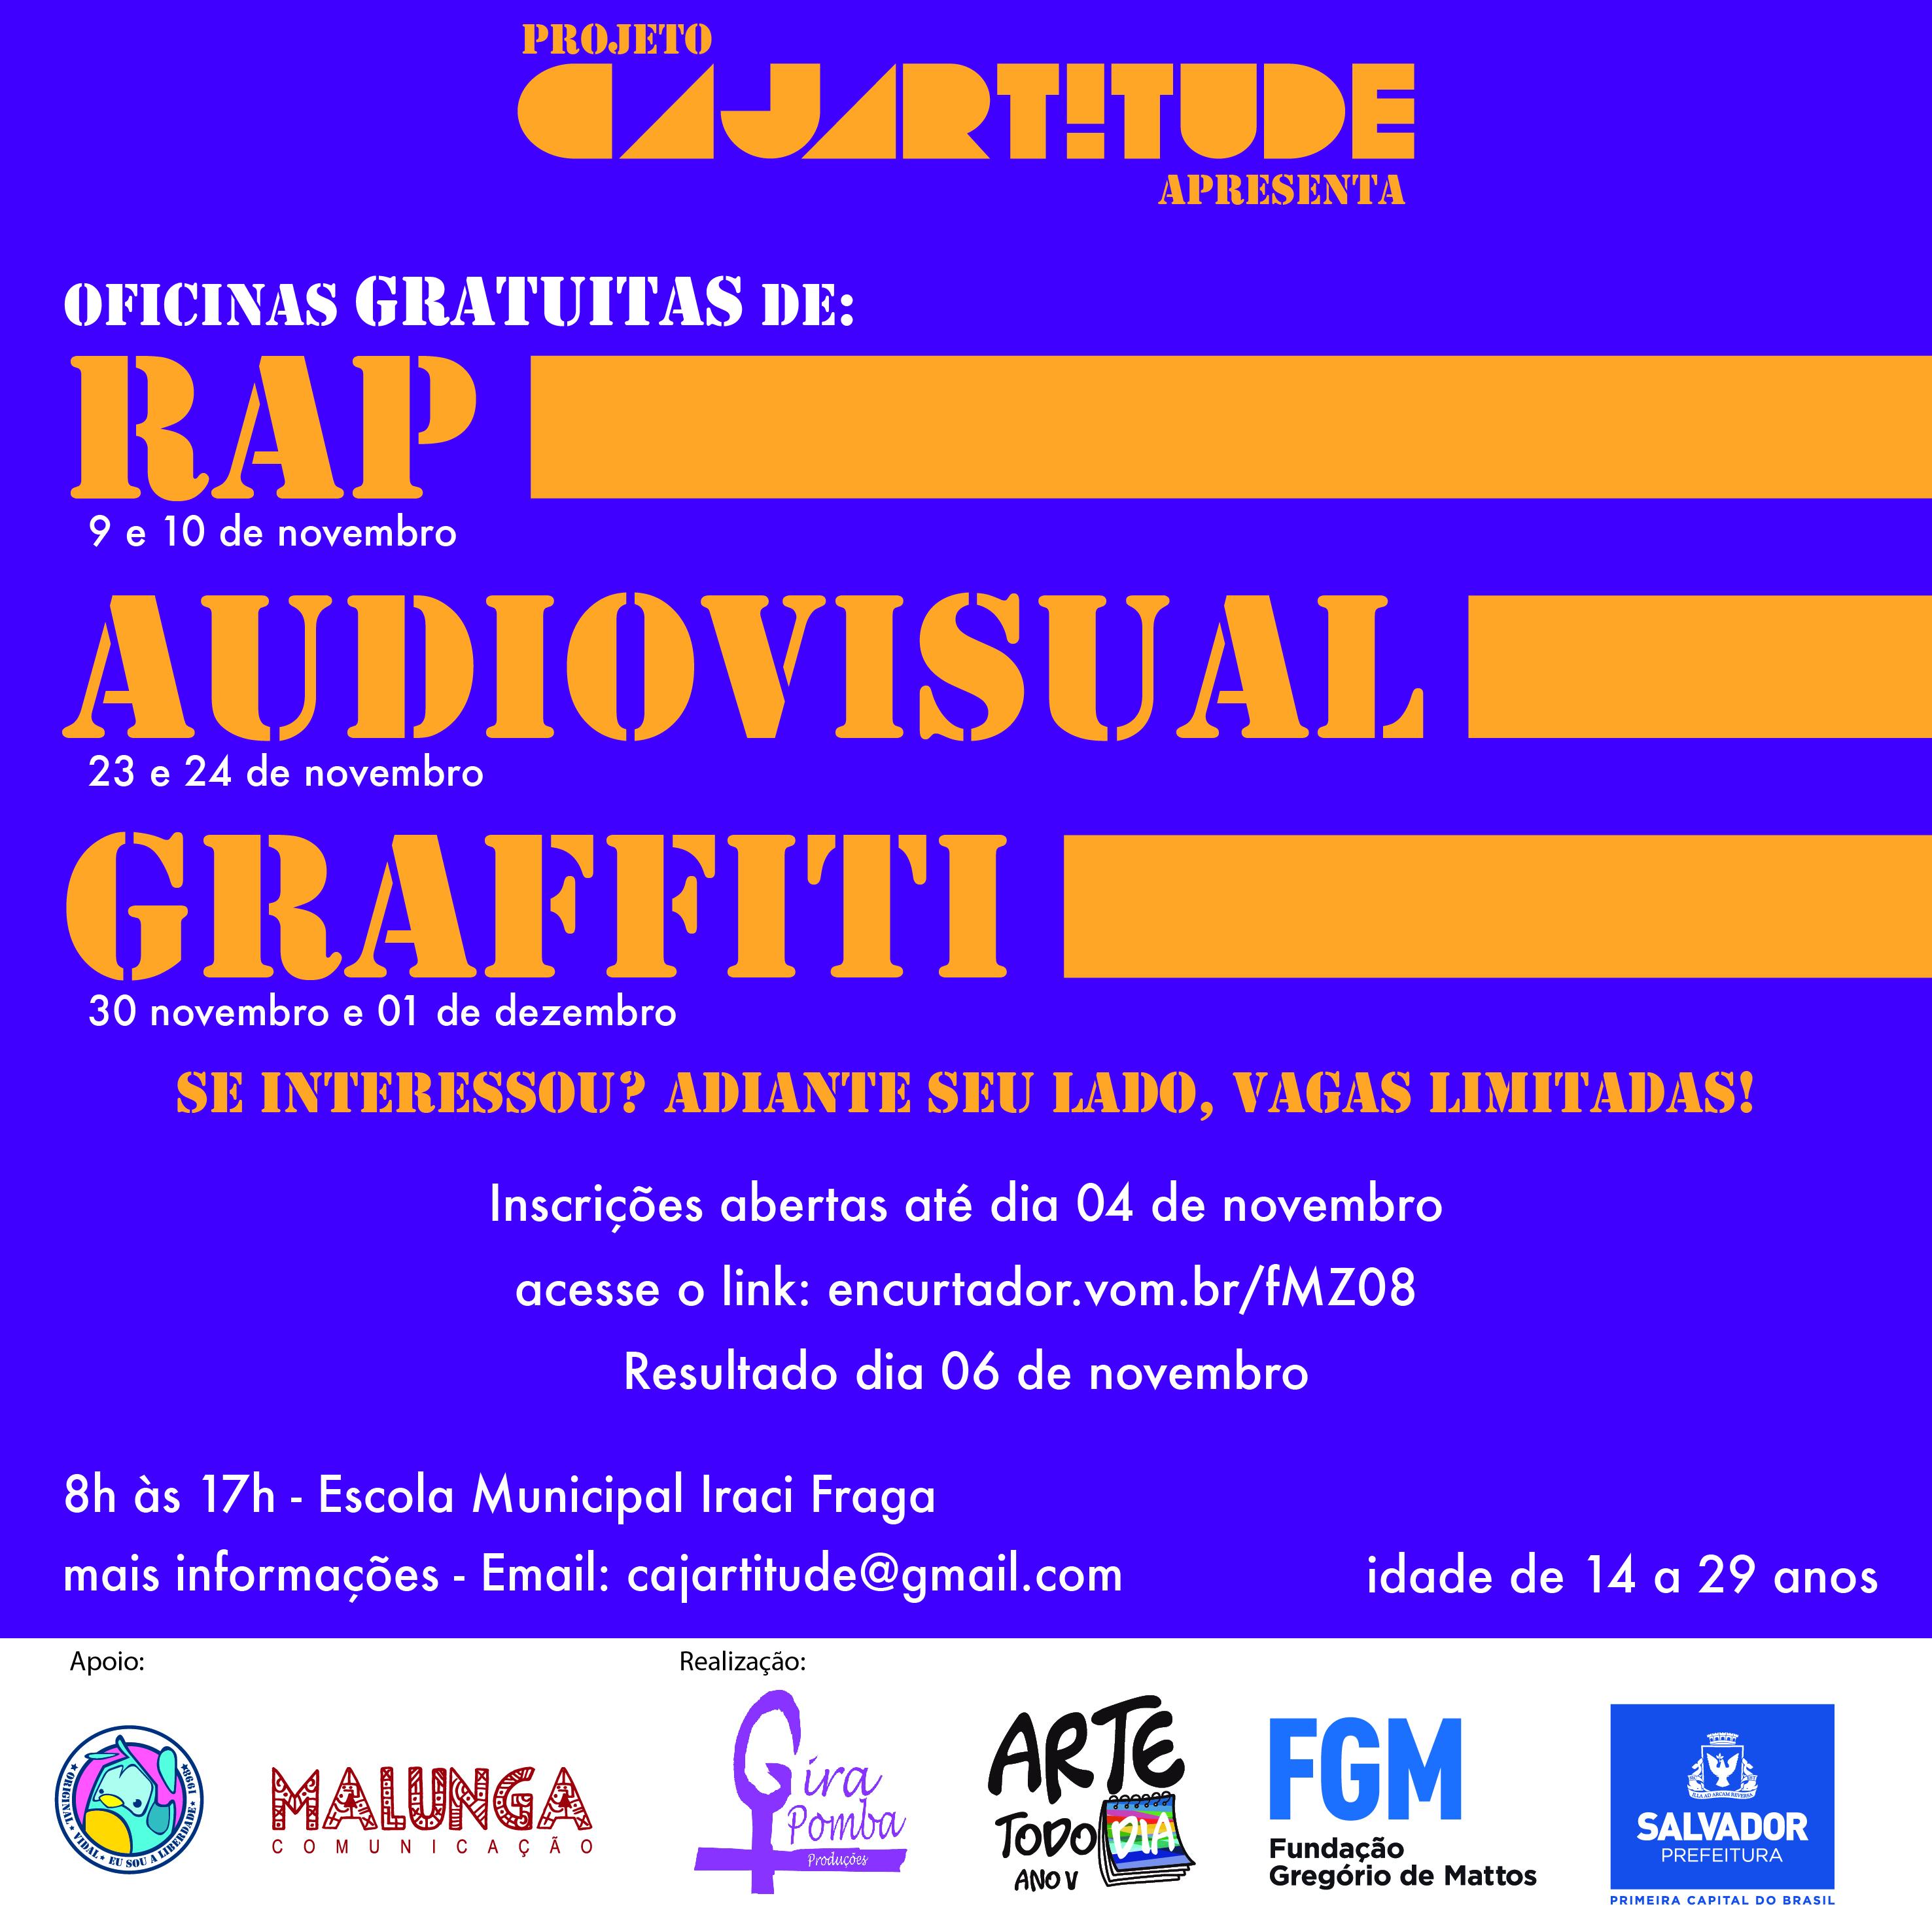 Cajartitude: projeto de artistas locais leva oficinas de graffiti, música e audiovisual para o bairro de Cajazeiras